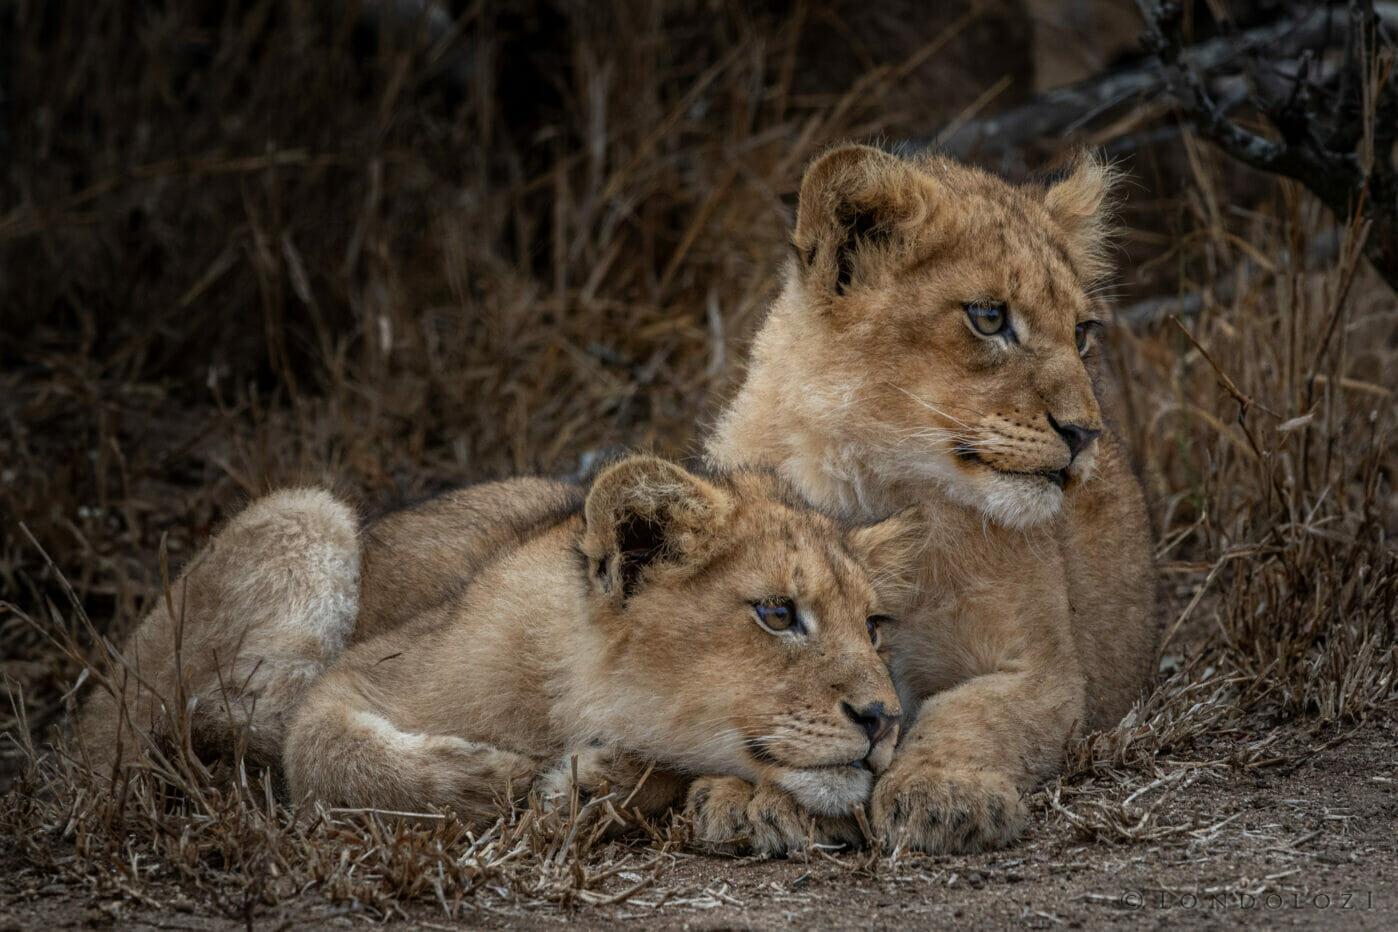 Ntsevu Lion Cubs Bond Dean De La Rey Dlr 09:21